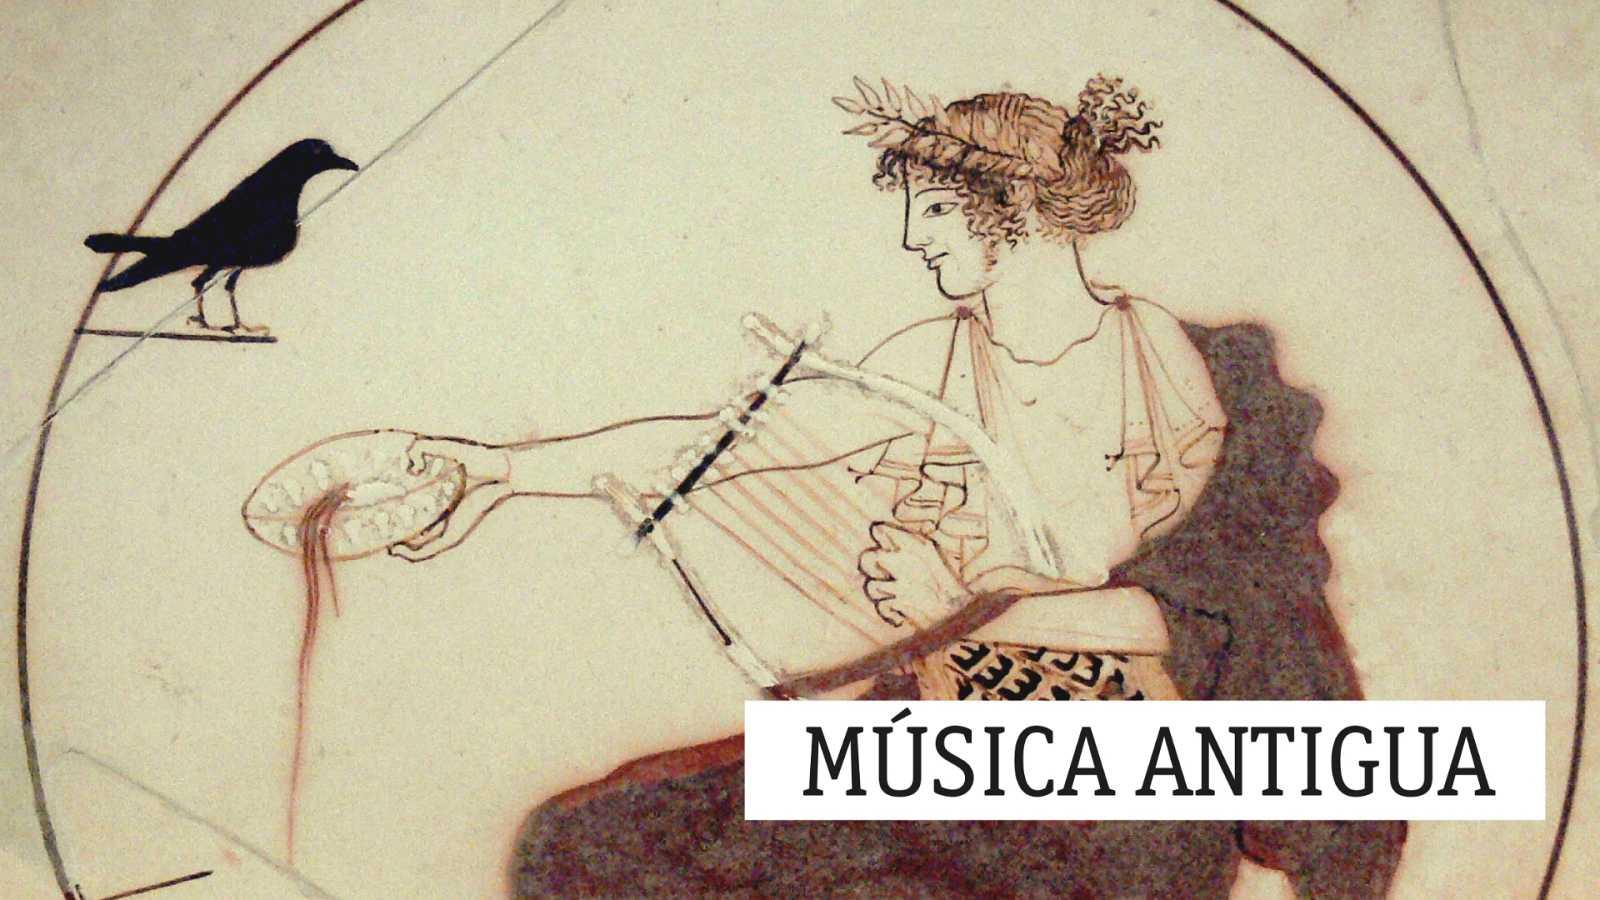 Música antigua - Danzas de Oriente y Occidente - 08/12/20 - escuchar ahora